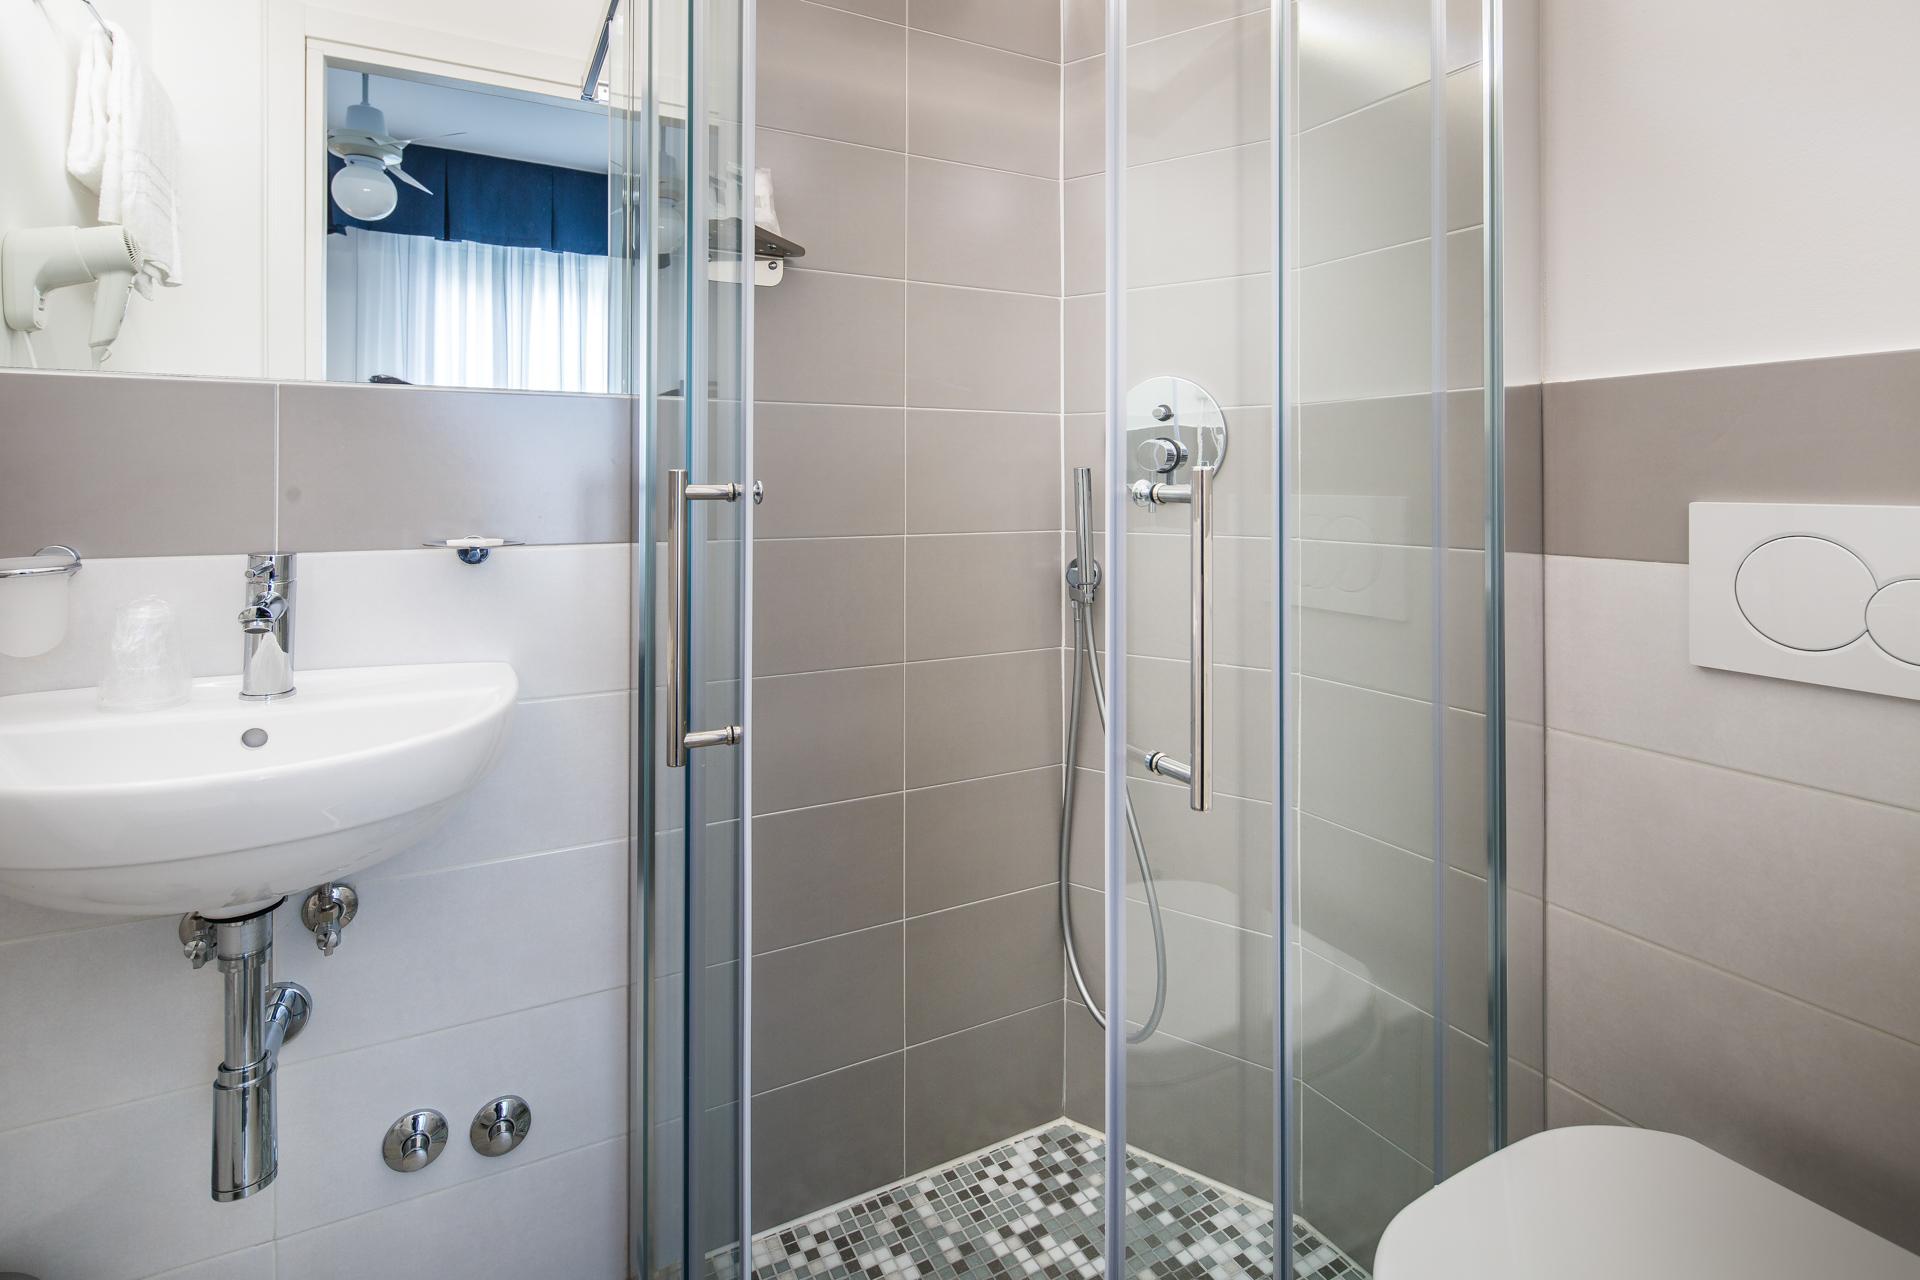 seaview rooms - lignano hotel luna